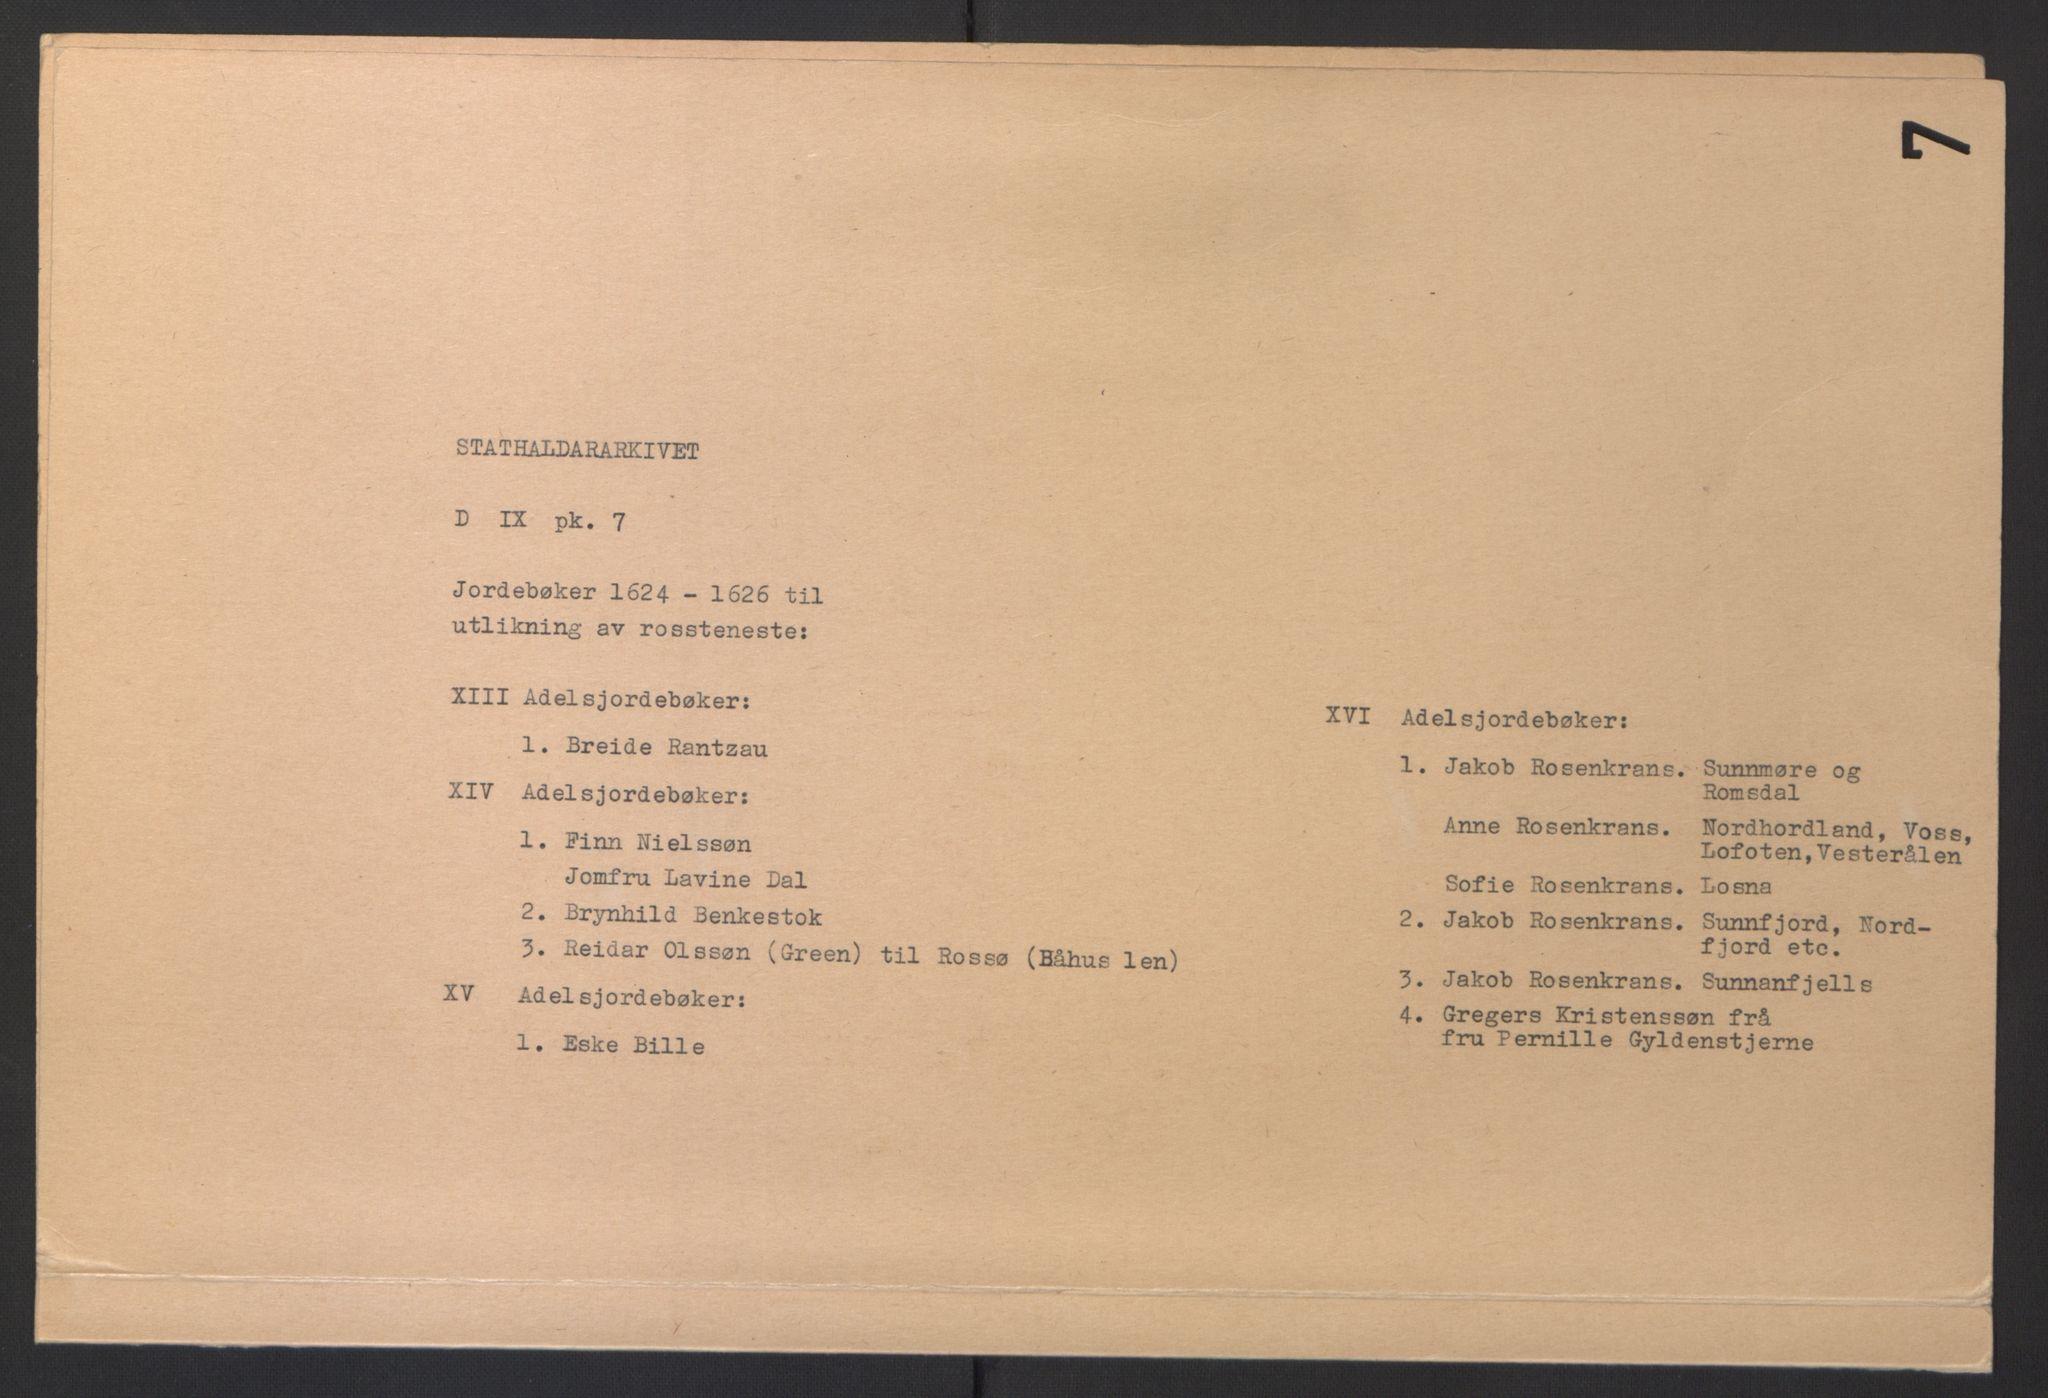 RA, Stattholderembetet 1572-1771, Ek/L0007: Jordebøker til utlikning av rosstjeneste 1624-1626:, 1624-1625, s. 302